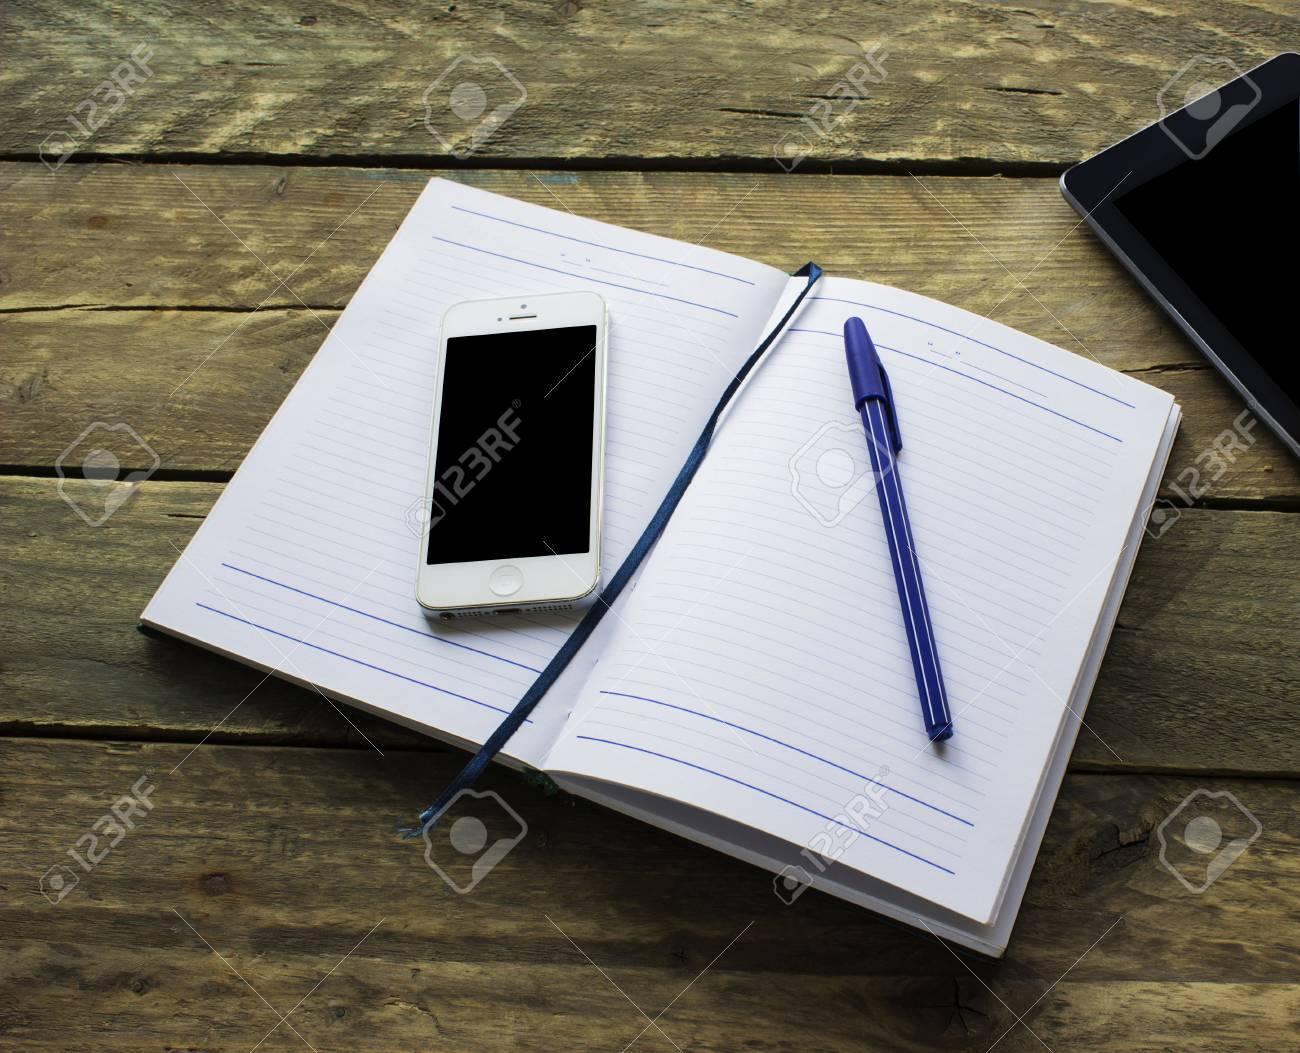 Remarque papier crayon tablette et téléphone vieux bureau en